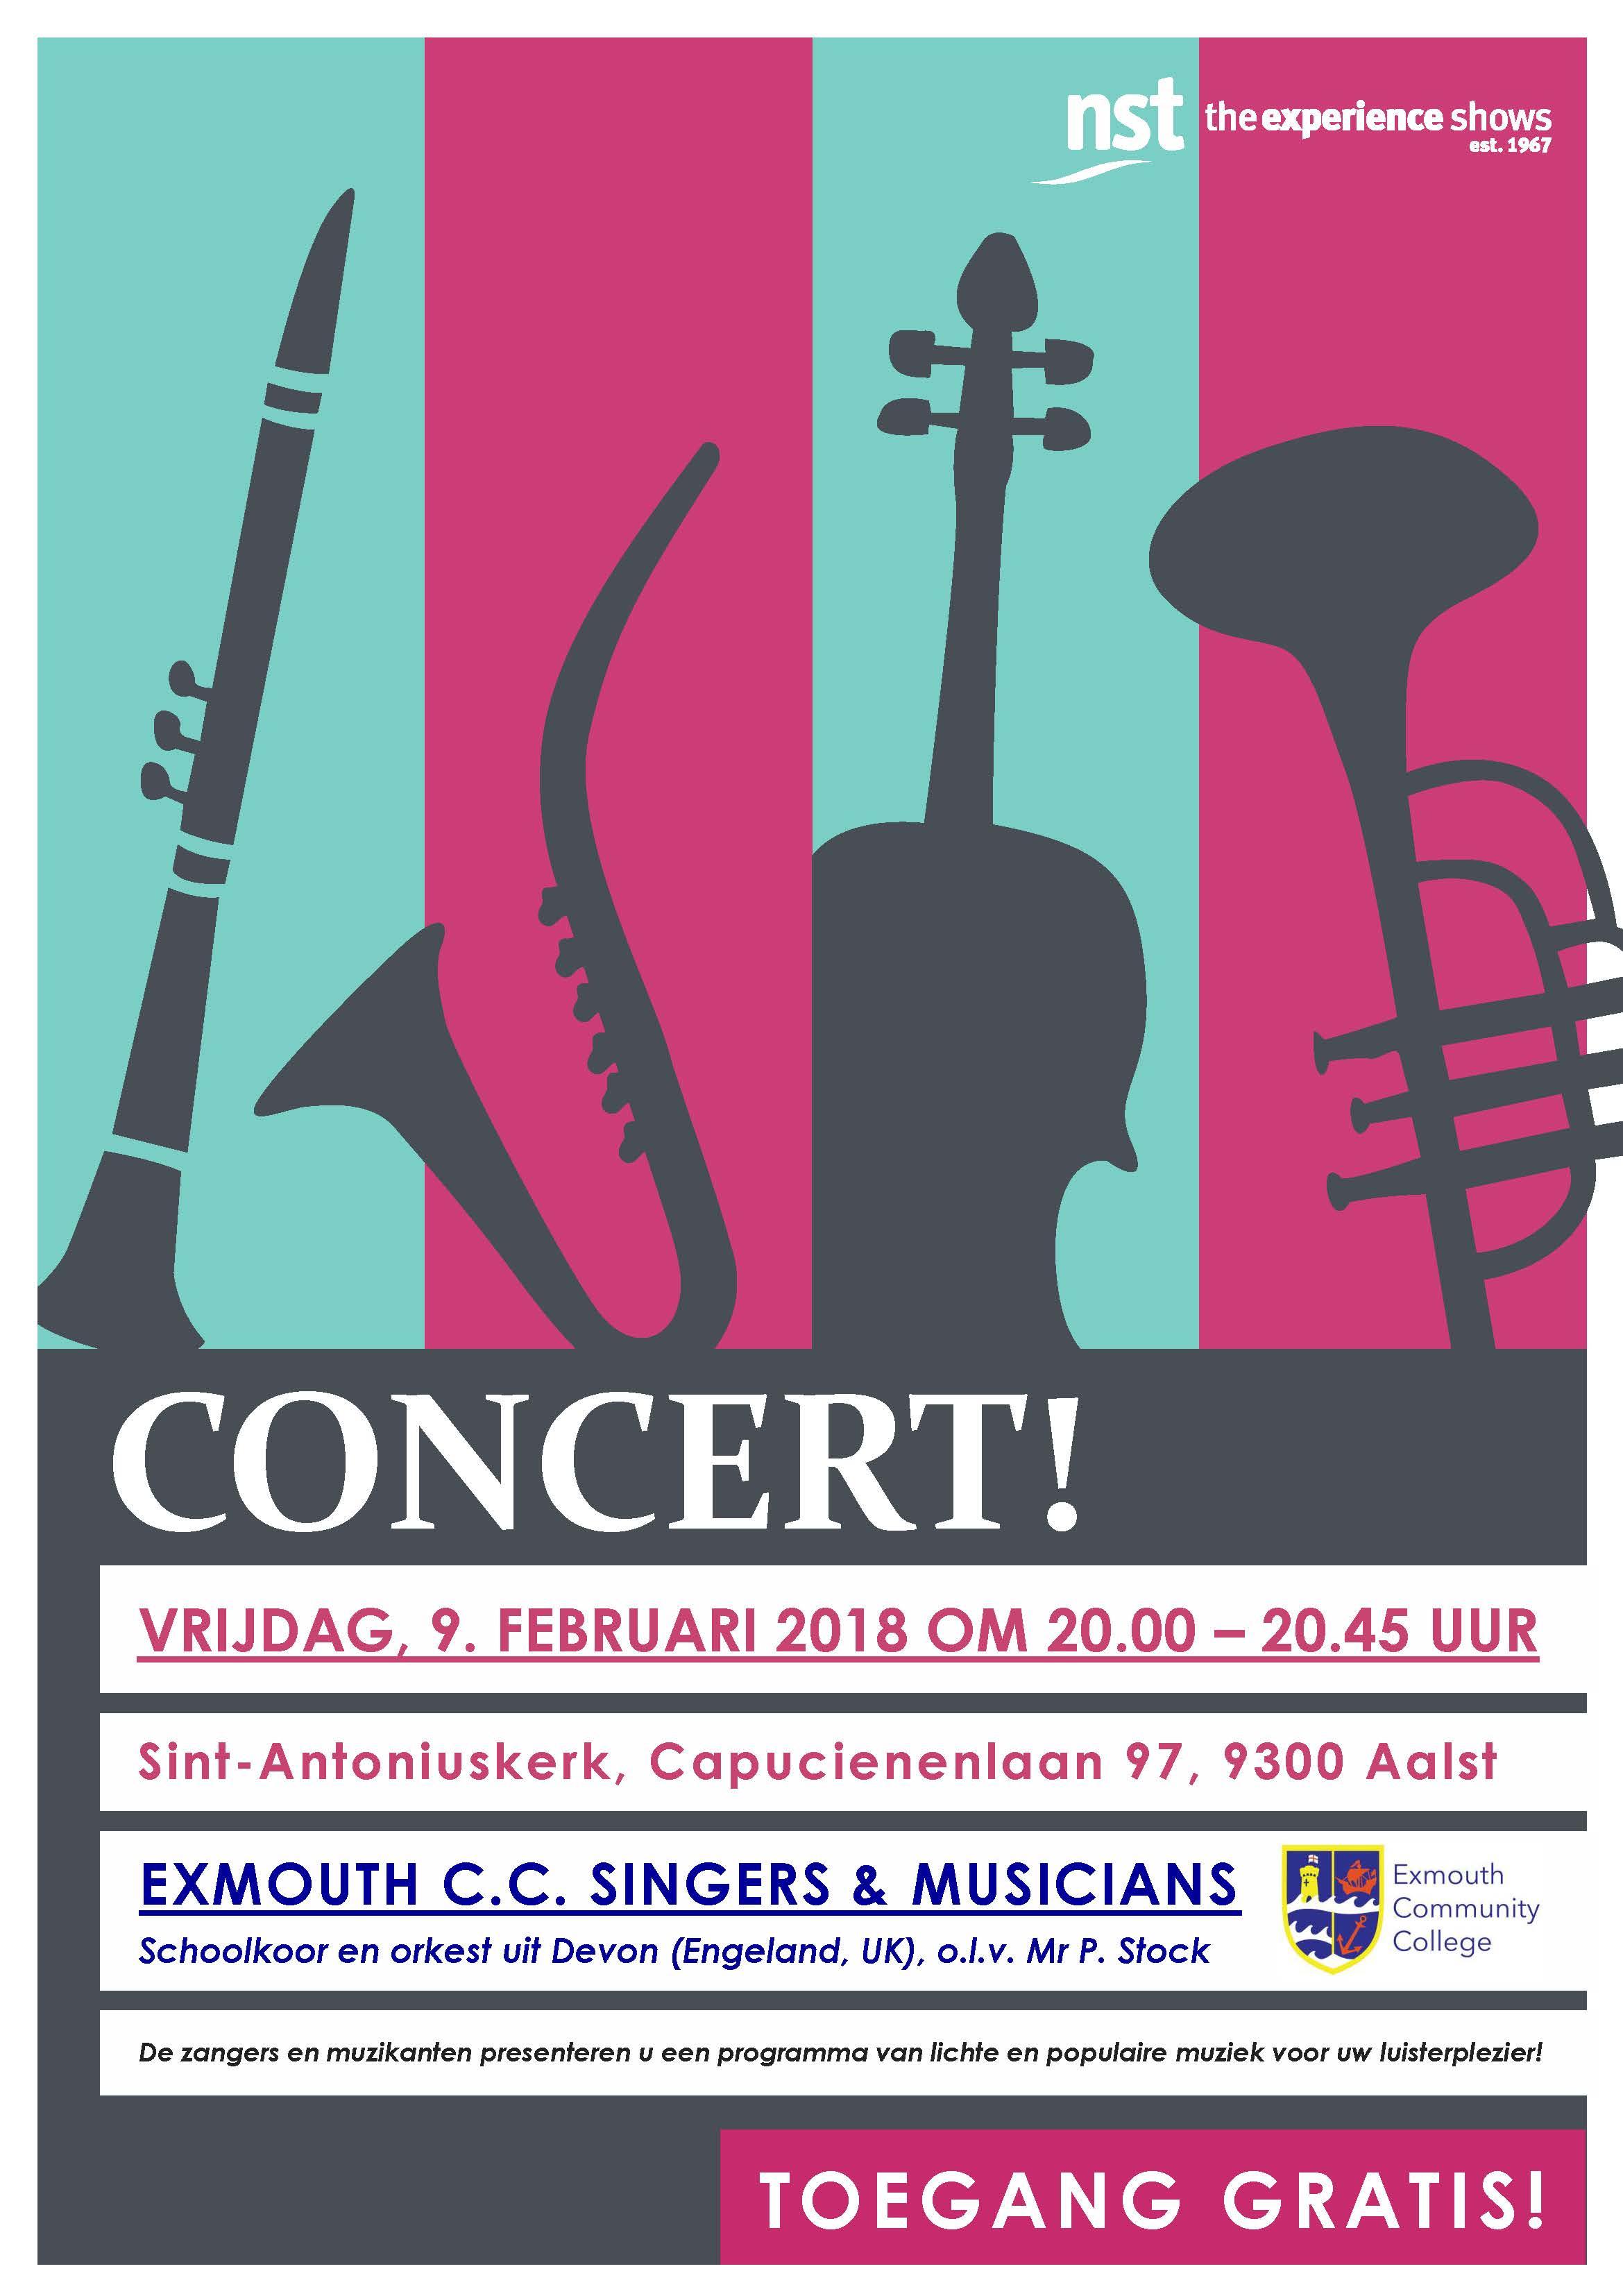 Concert door de Exmouth C.C. Singers & Musicians